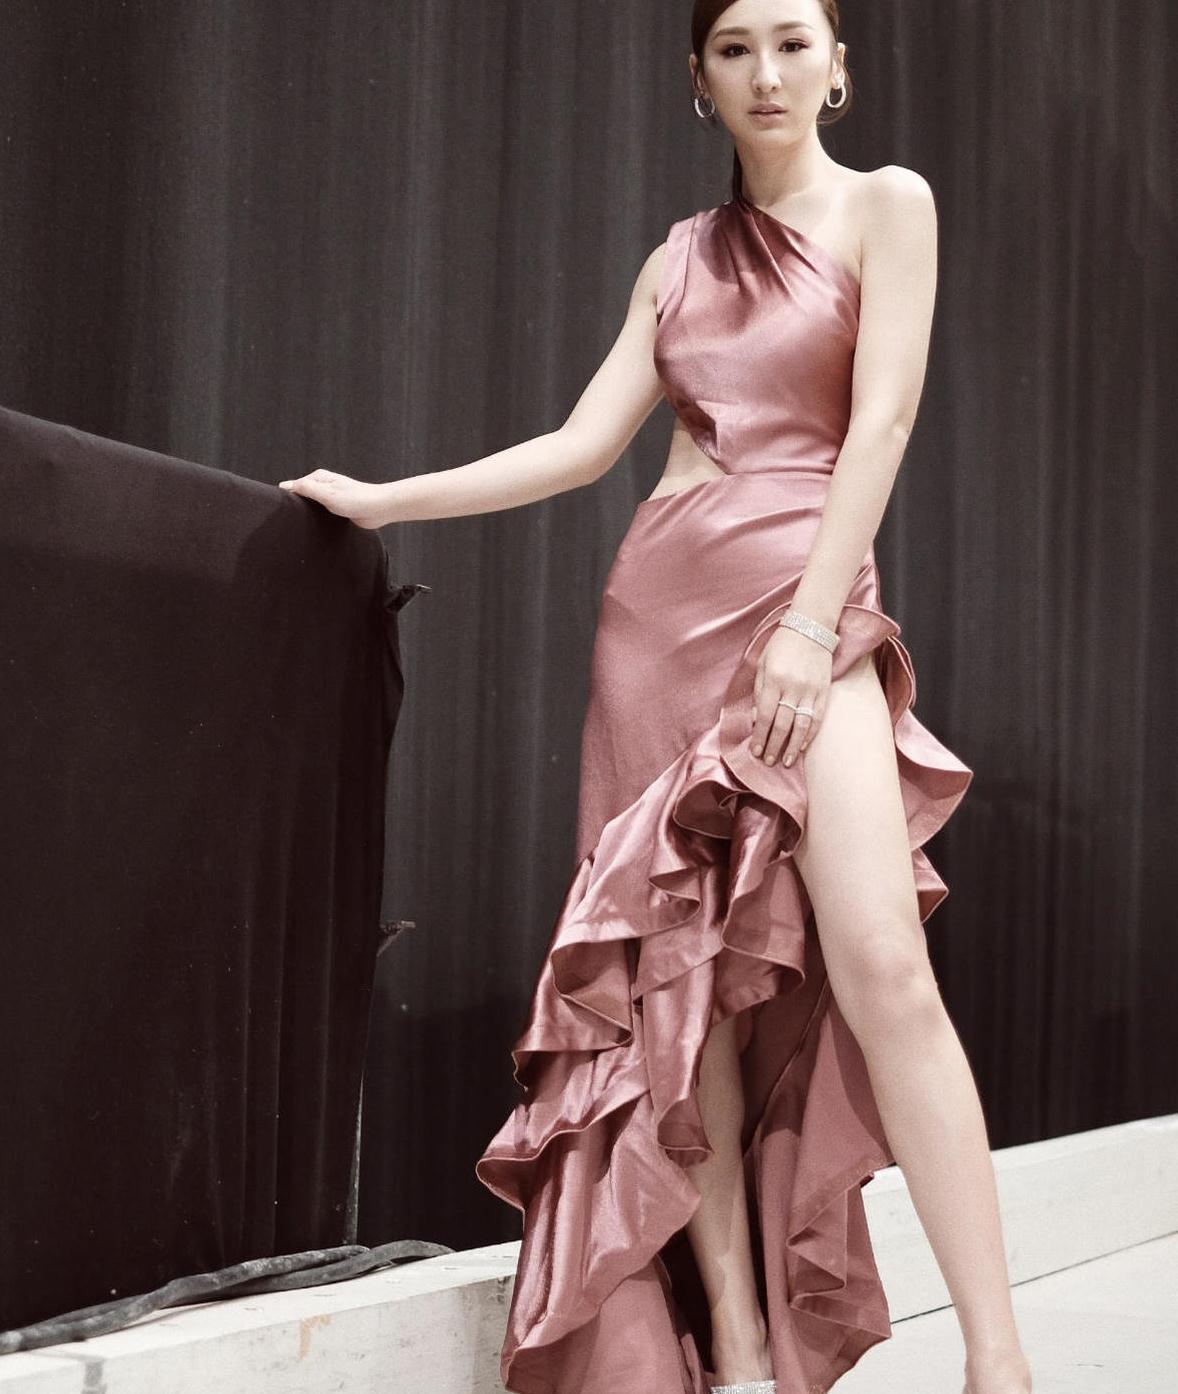 高海宁气质又升华了,穿粉色斜肩连衣裙扎马尾辫,摆拍到位太惊艳